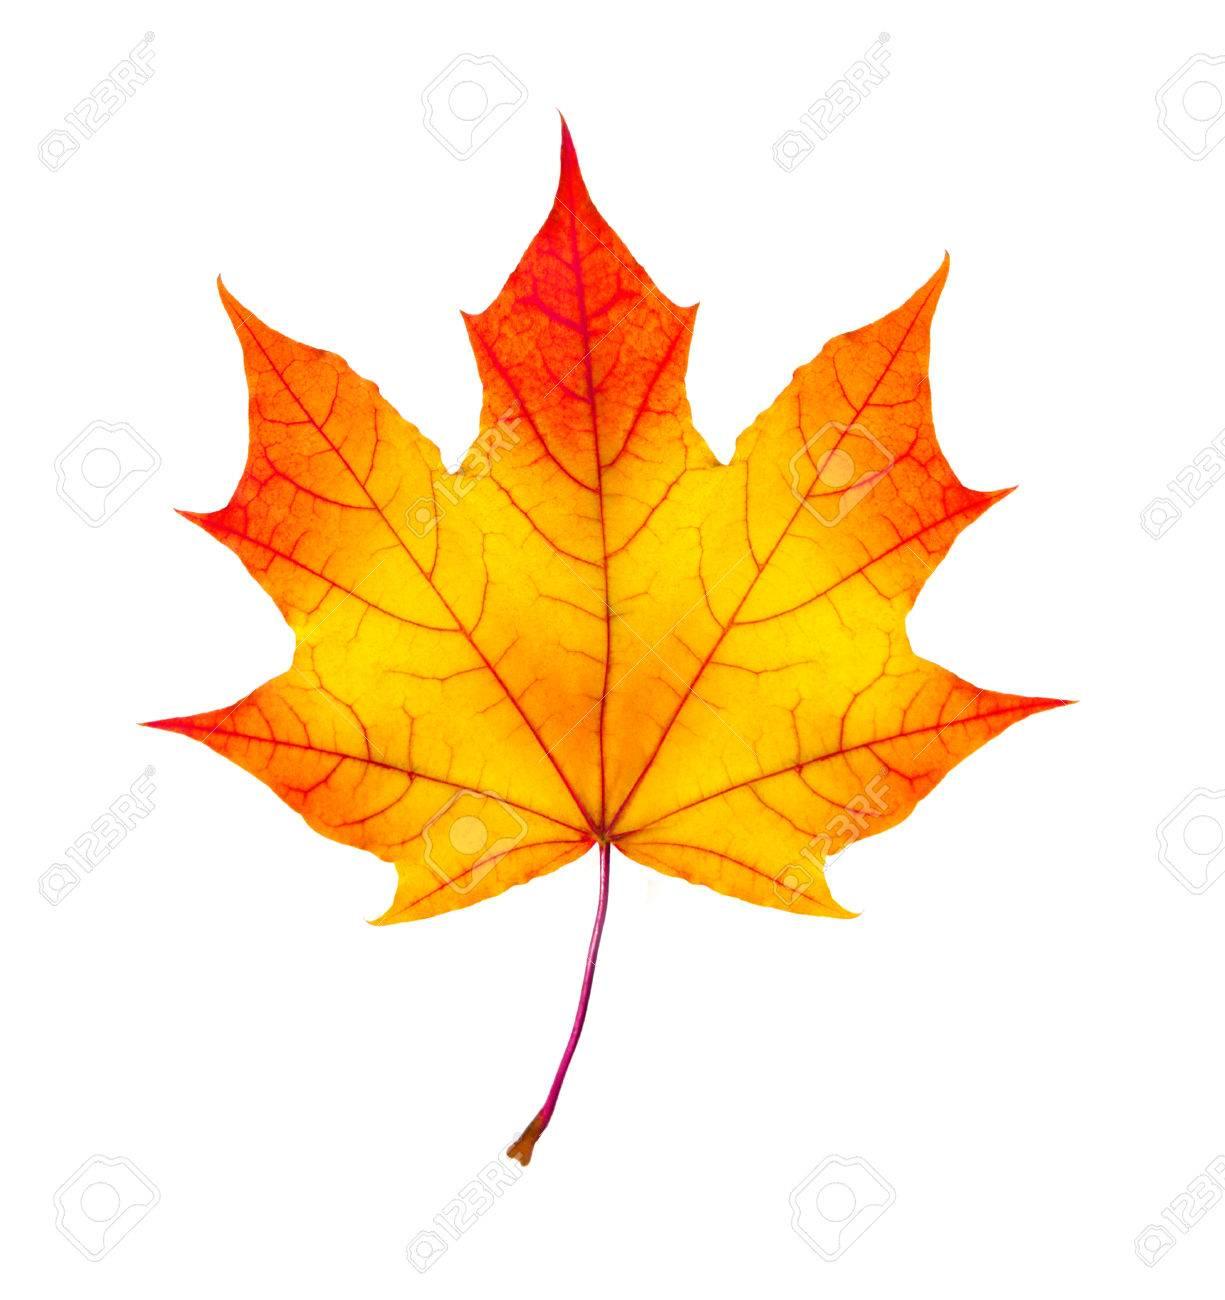 Les géants des airs : Northrop YB-49 [Italeri 1/72] - Page 6 25405929-couleurs-d-automne-feuille-d-%C3%A9rable-isol%C3%A9-sur-fond-blanc